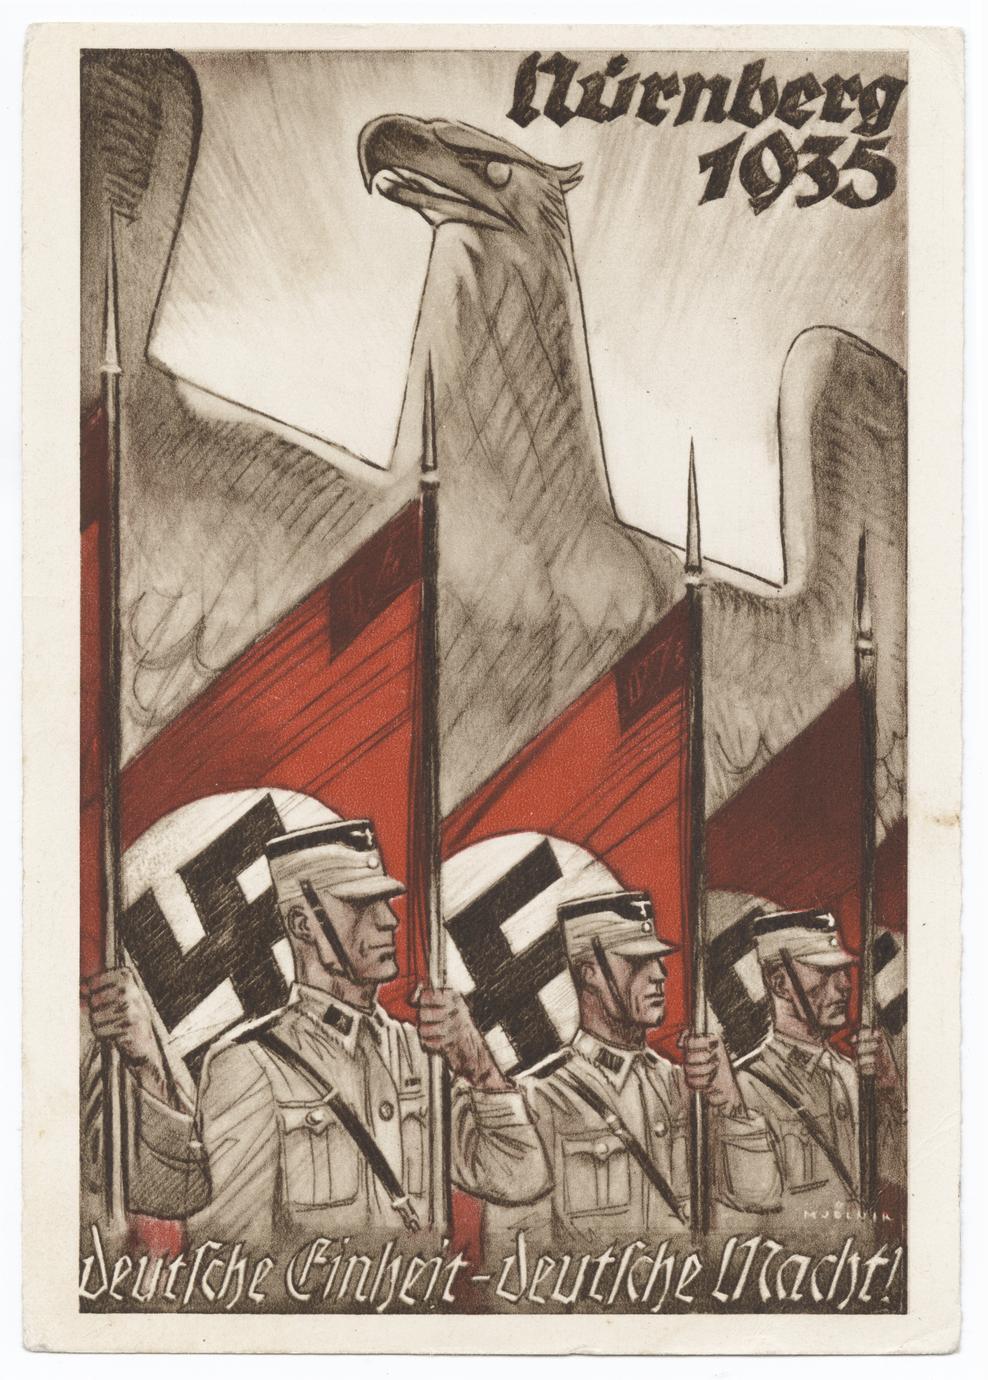 Nürnberg 1935 : deutsche Einheit--deutsche Macht!